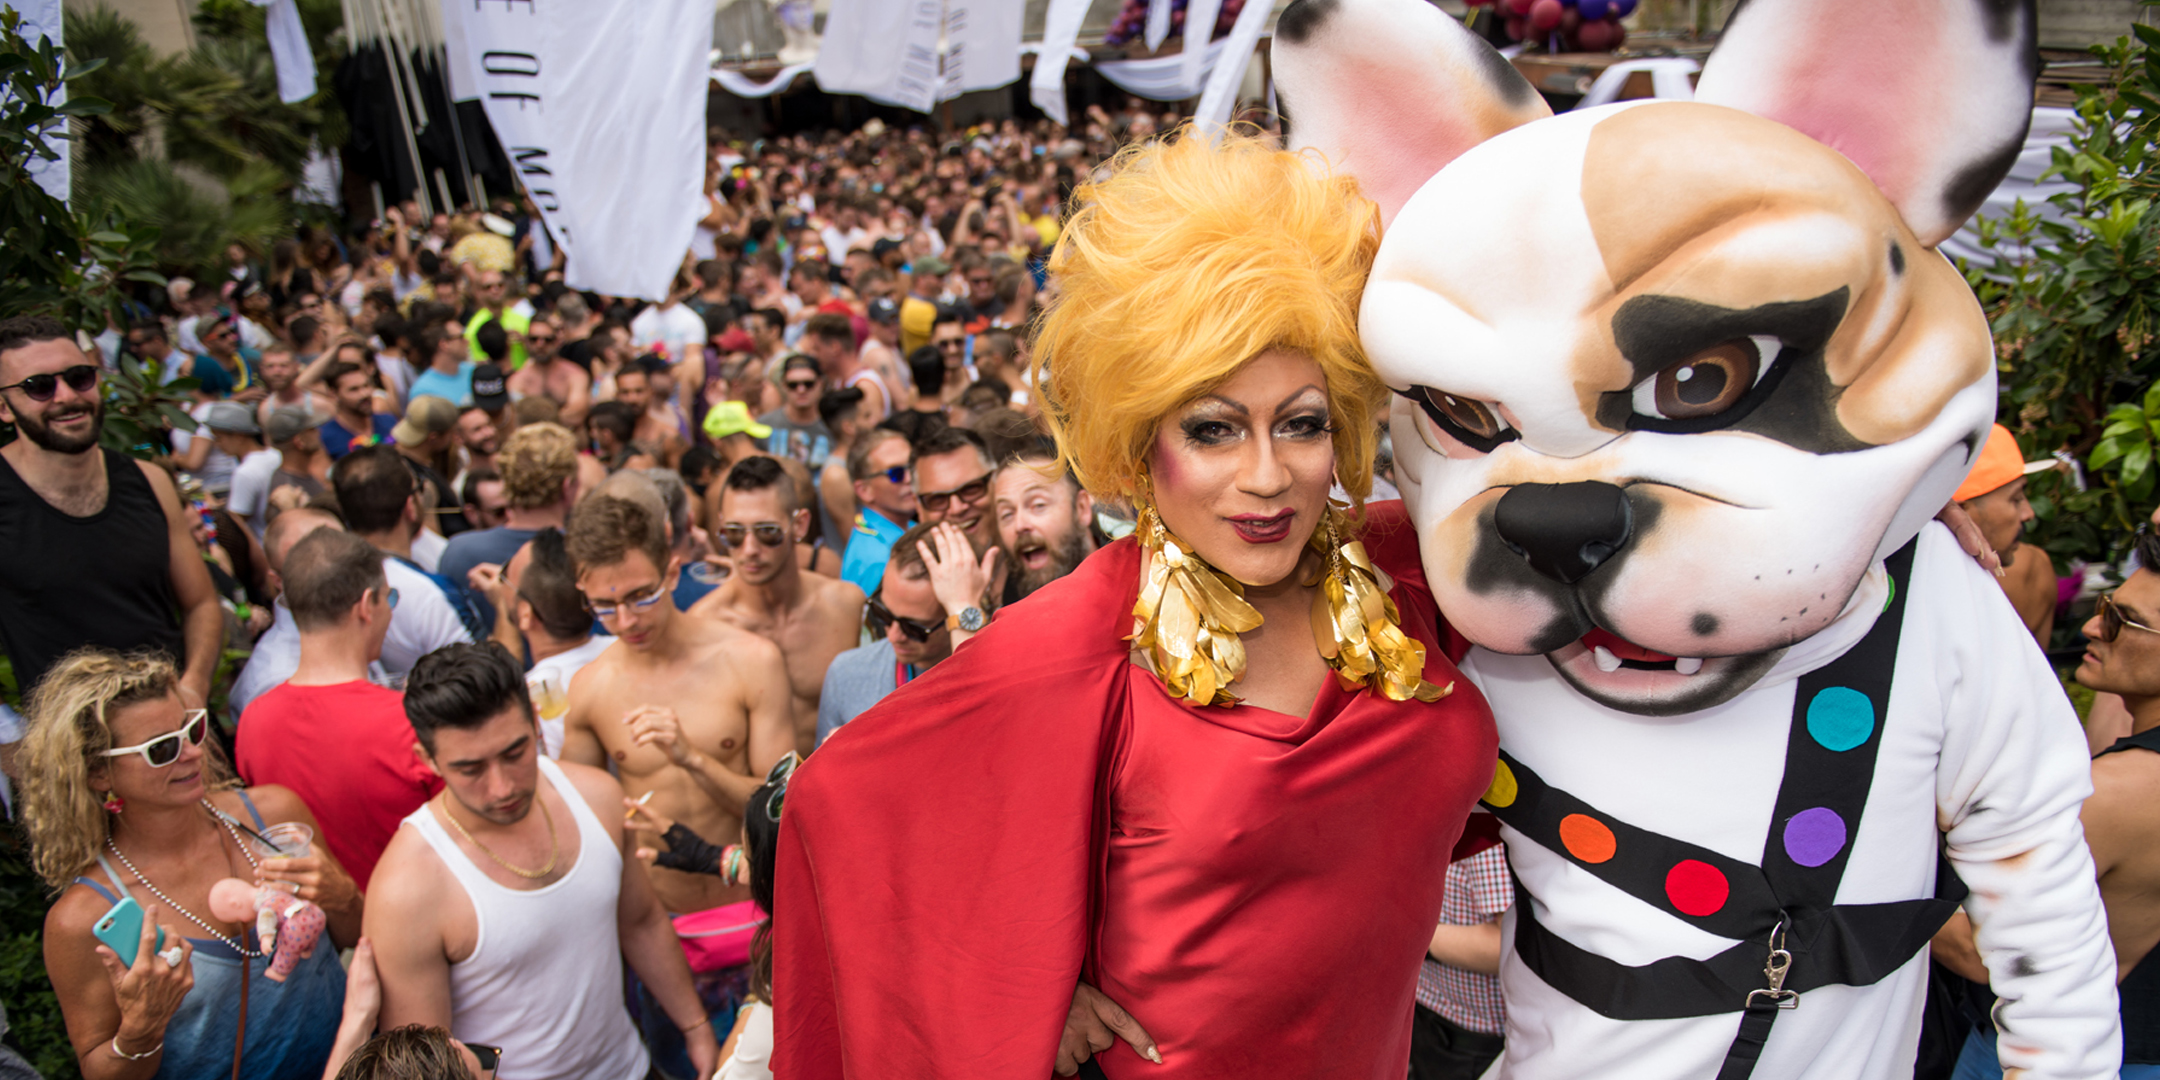 Jujanita More's Pride Party is always cute.